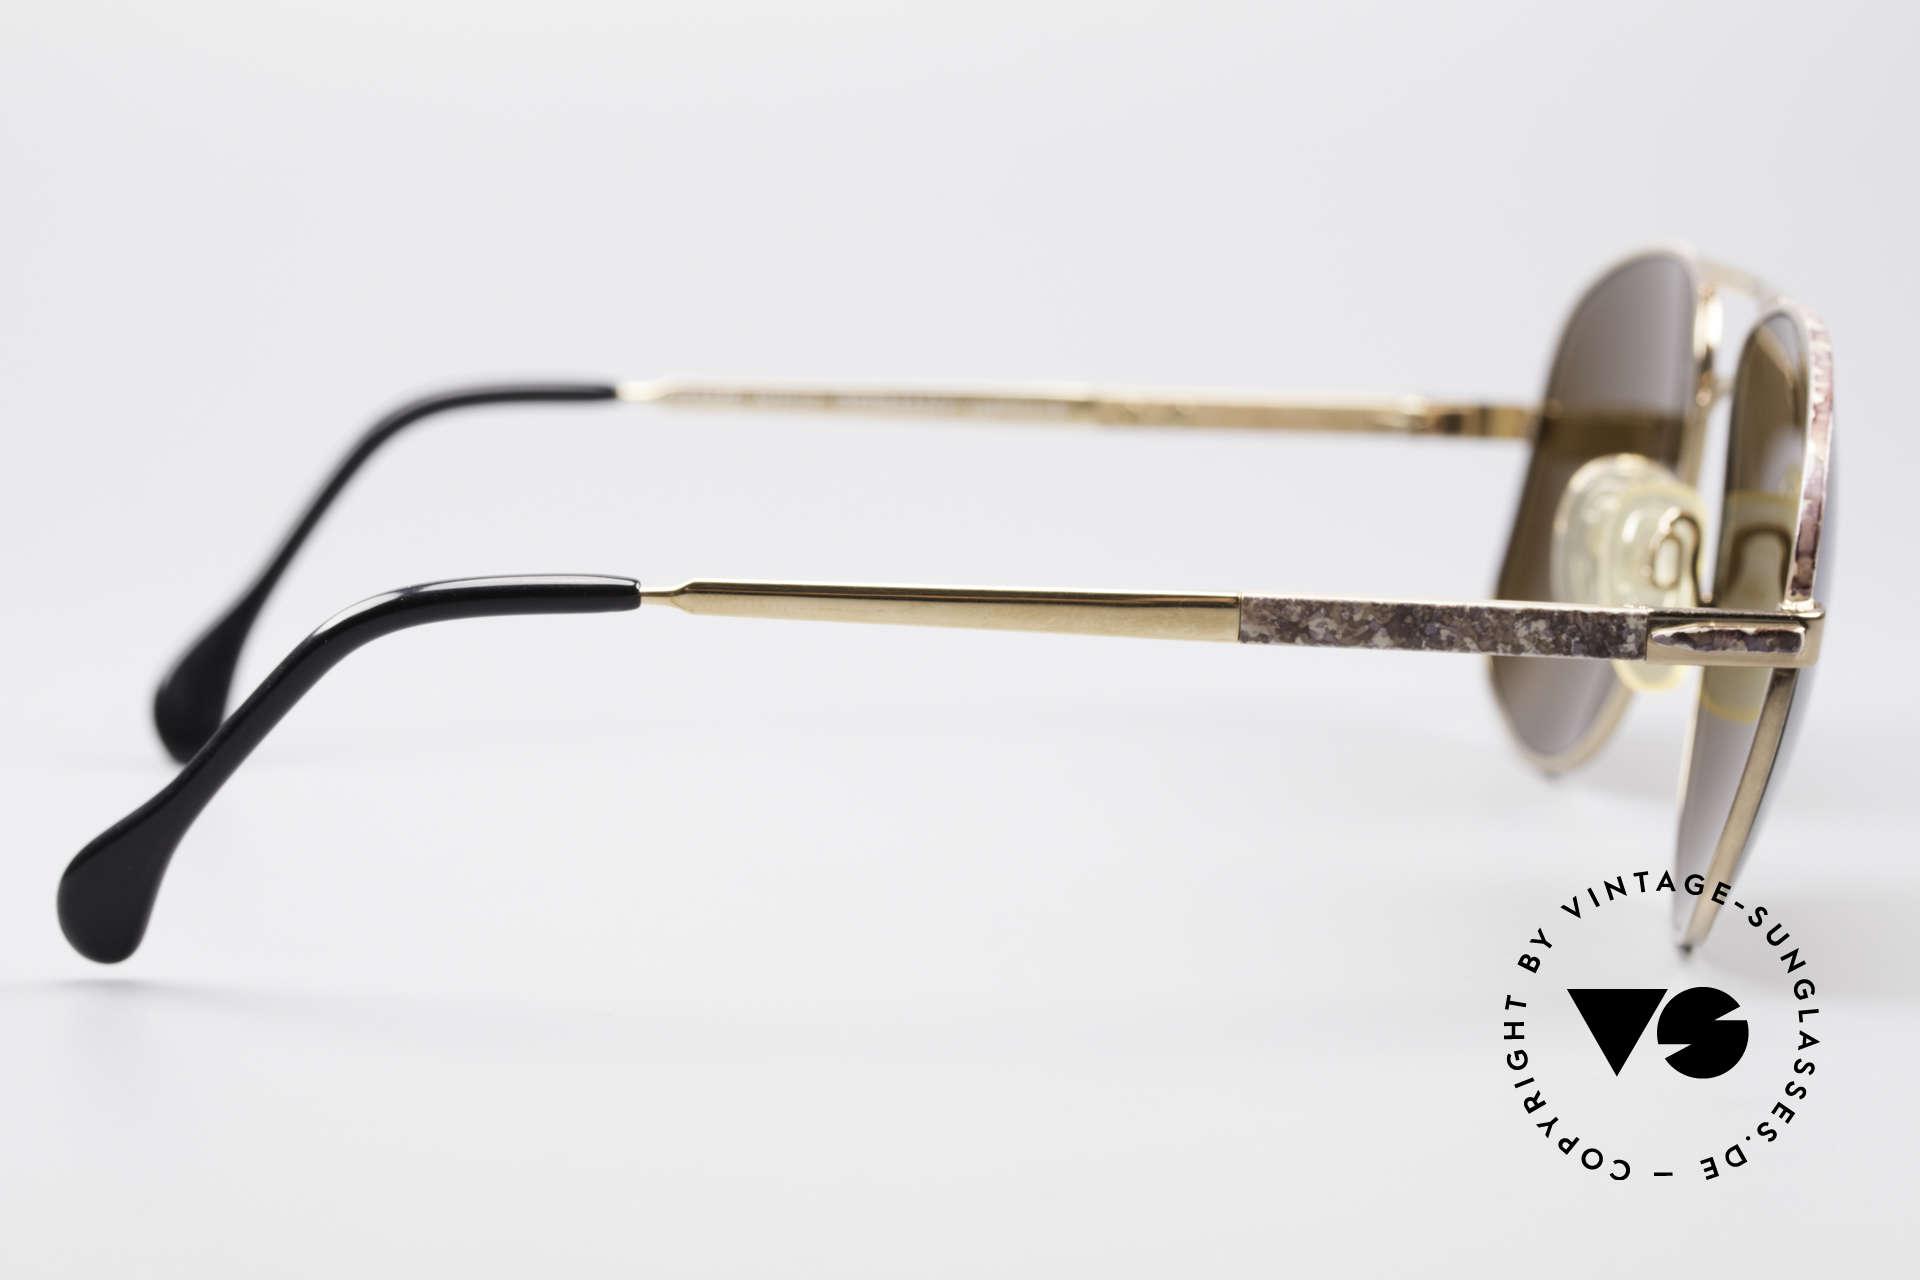 Zollitsch Cadre 8 18k Gold Plated Sonnenbrille, KEINE RETROmode; ein echtes, 30 Jahre altes ORIGINAL, Passend für Herren